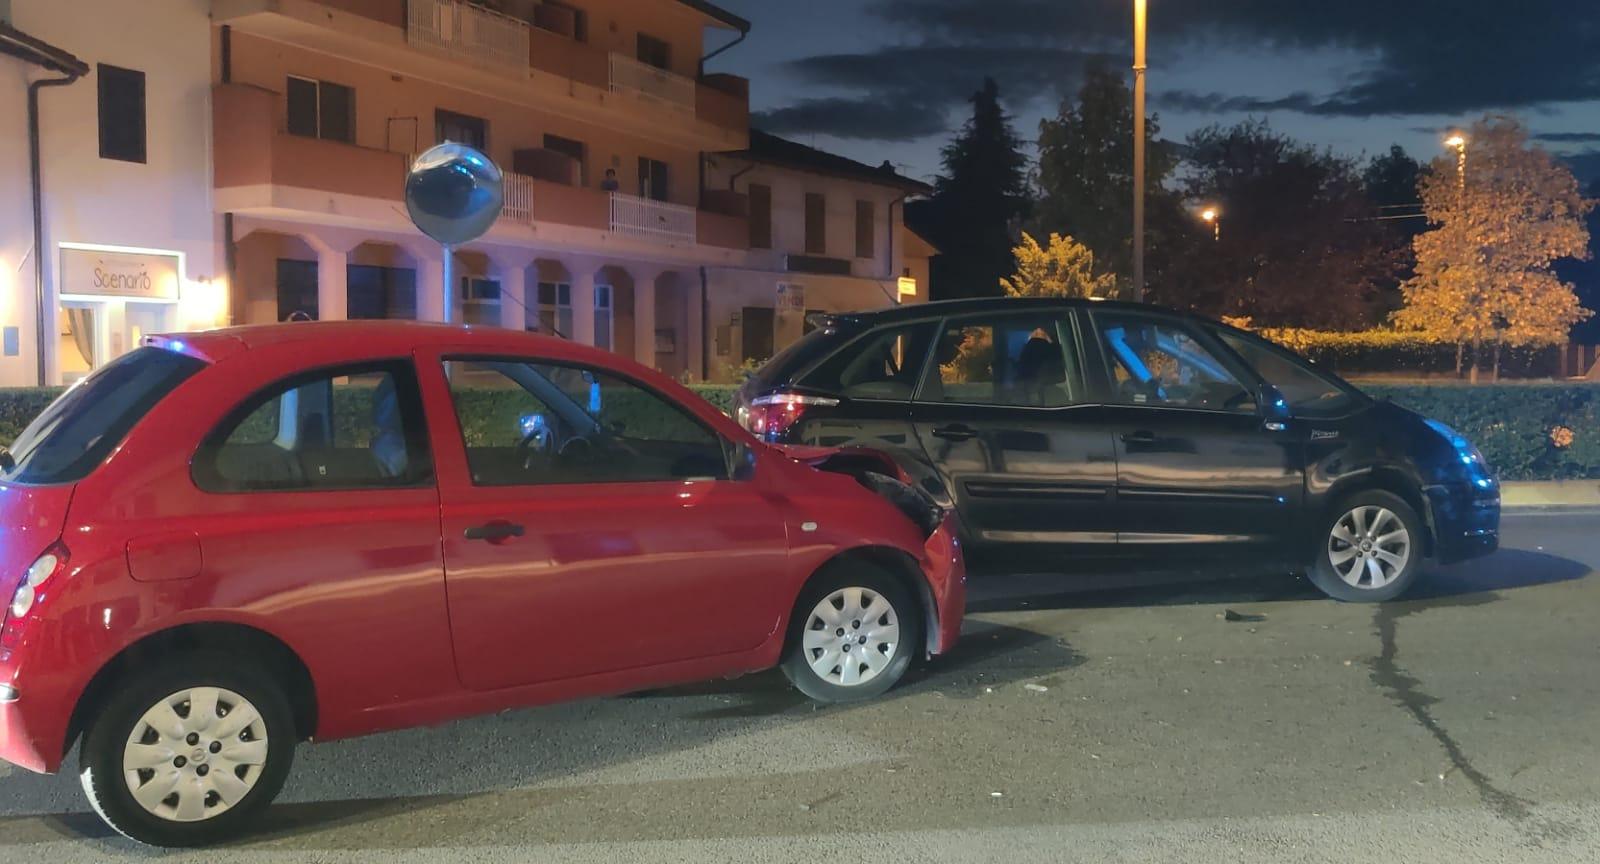 Immagine per Manca la precedenza e tampona un'auto, incidente sulla regionale a Fogliano